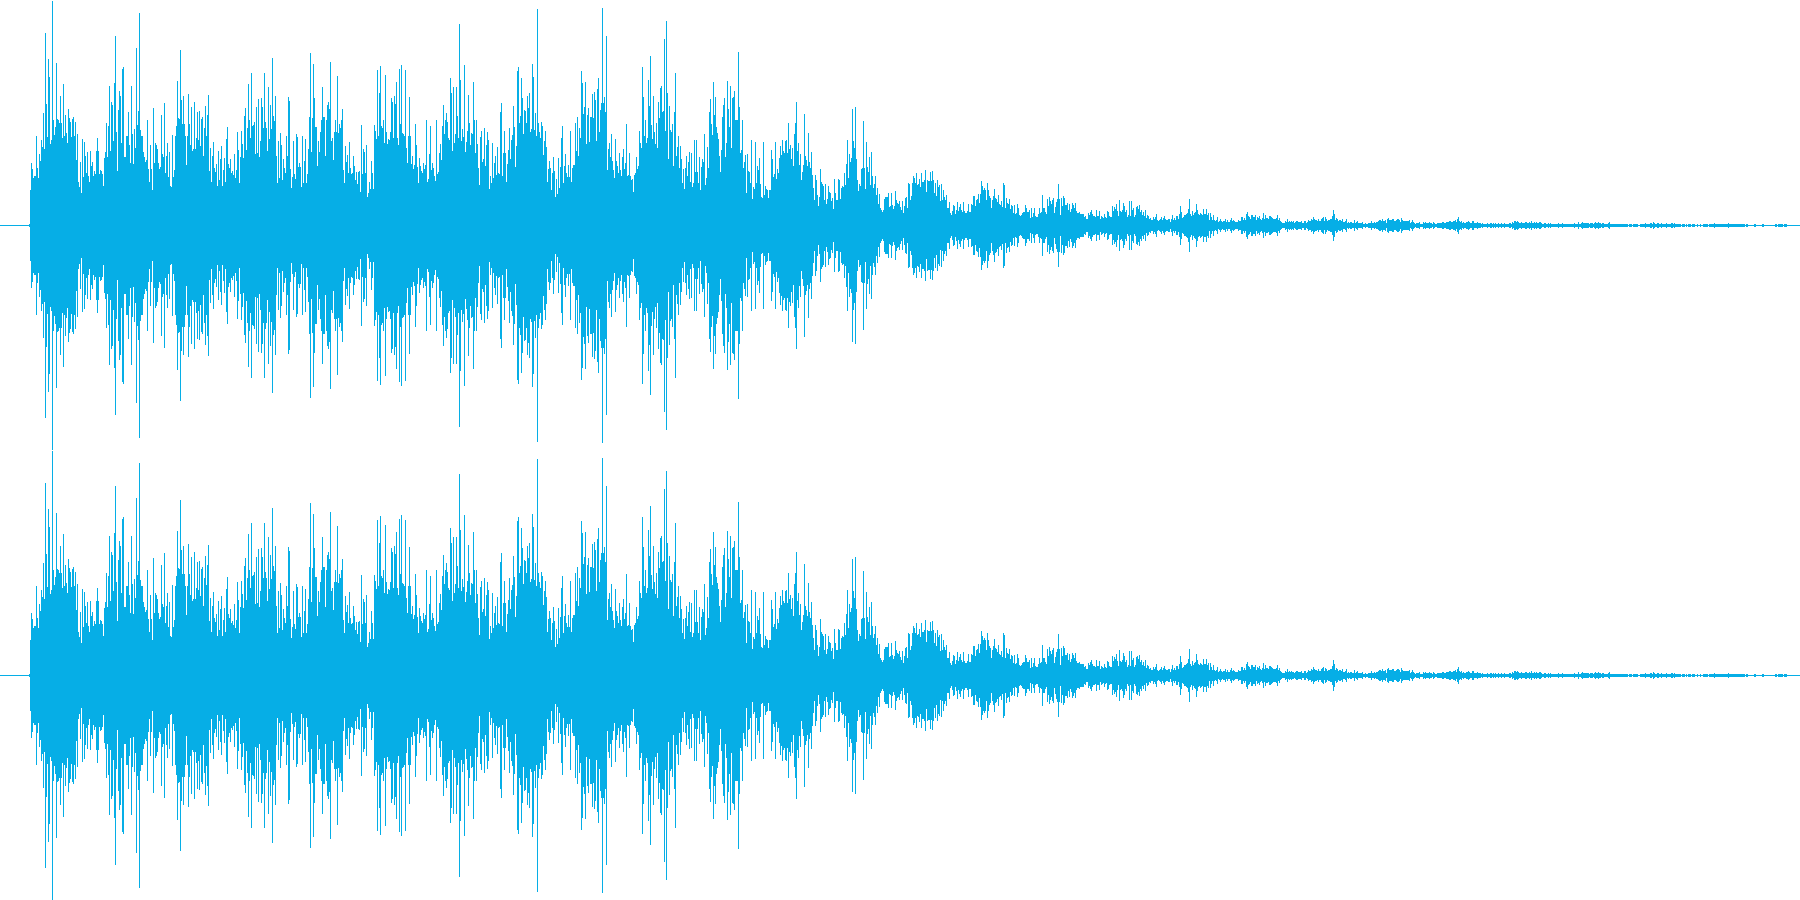 サウンドロゴ8の再生済みの波形